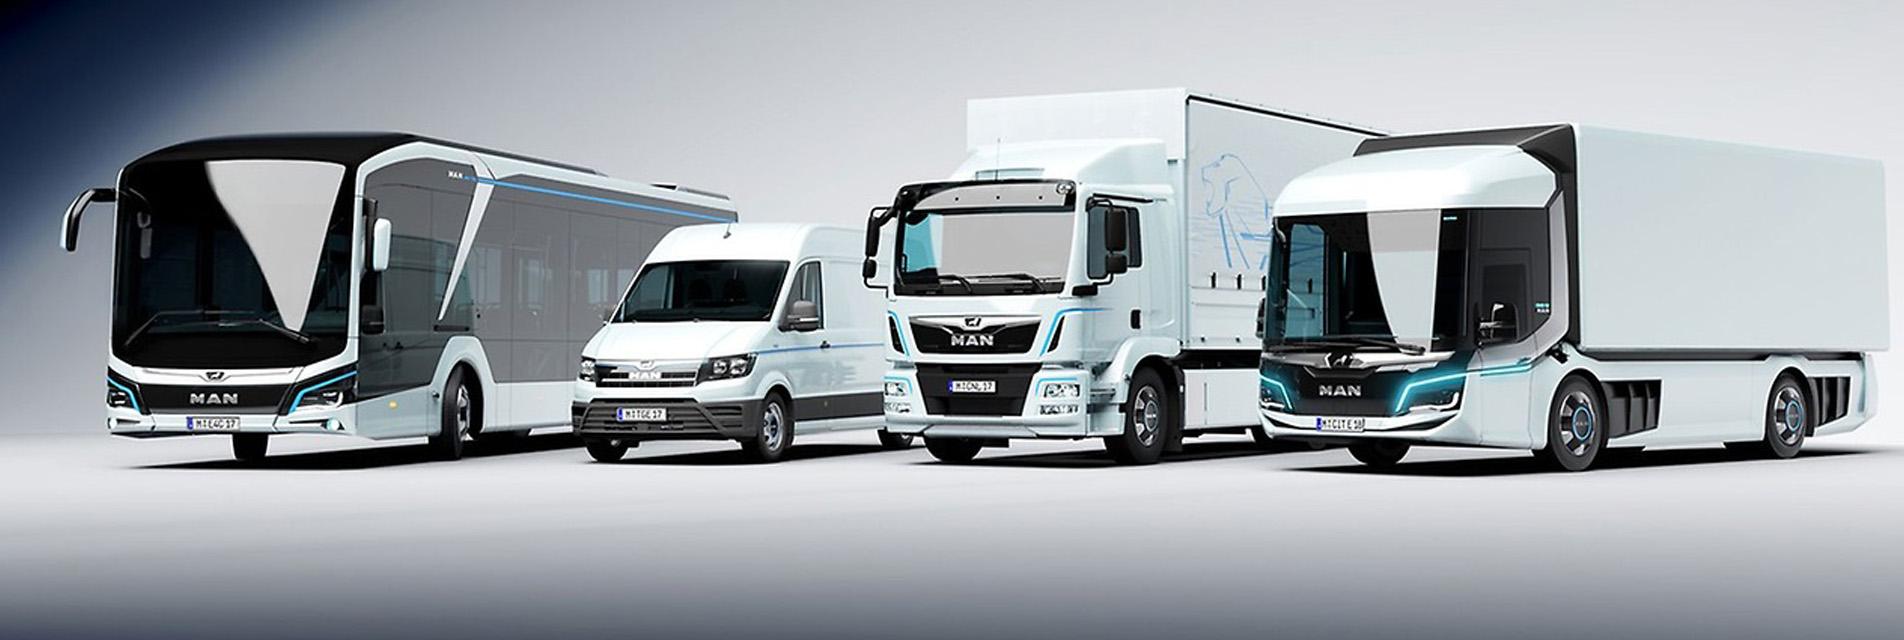 Camiones y flotas profesionales